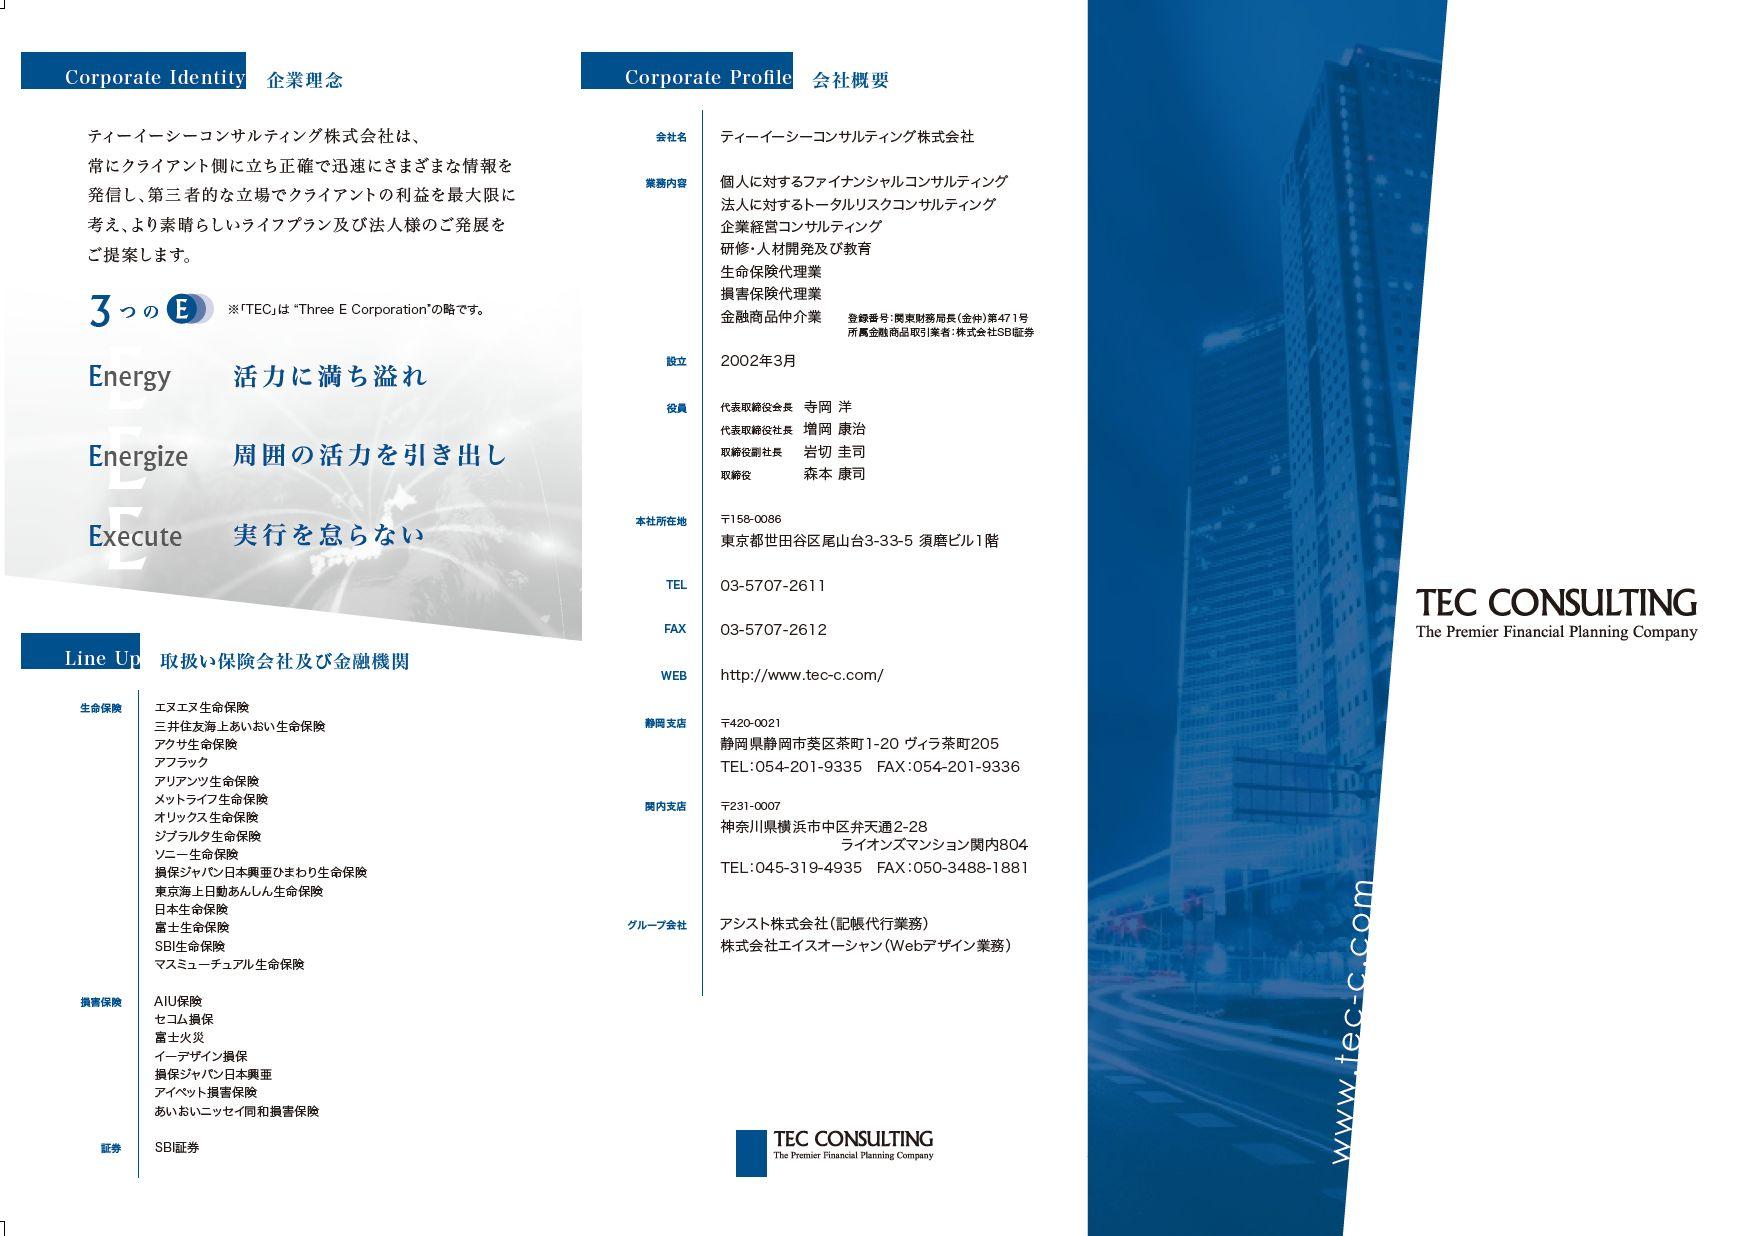 TECの会社案内